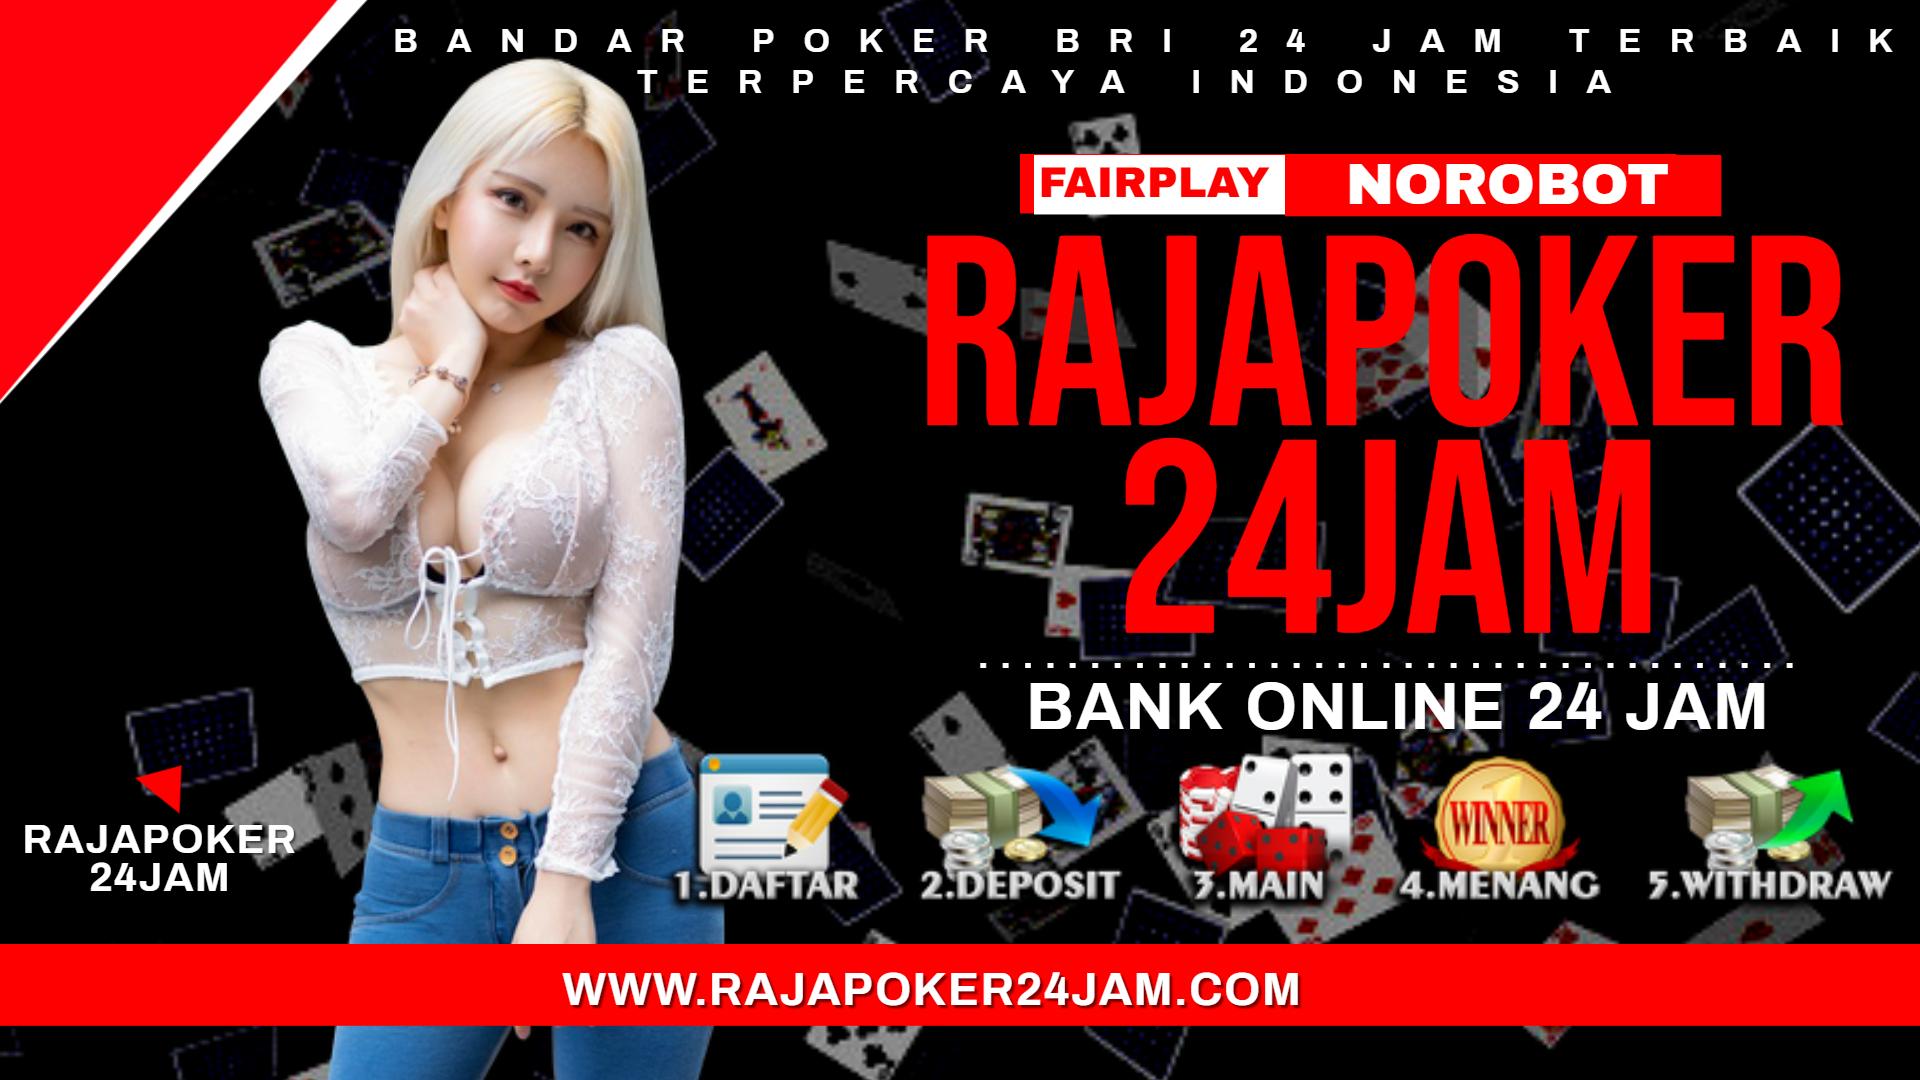 BANDAR POKER BRI 24 JAM TERBAIK TERPERCAYA INDONESIA